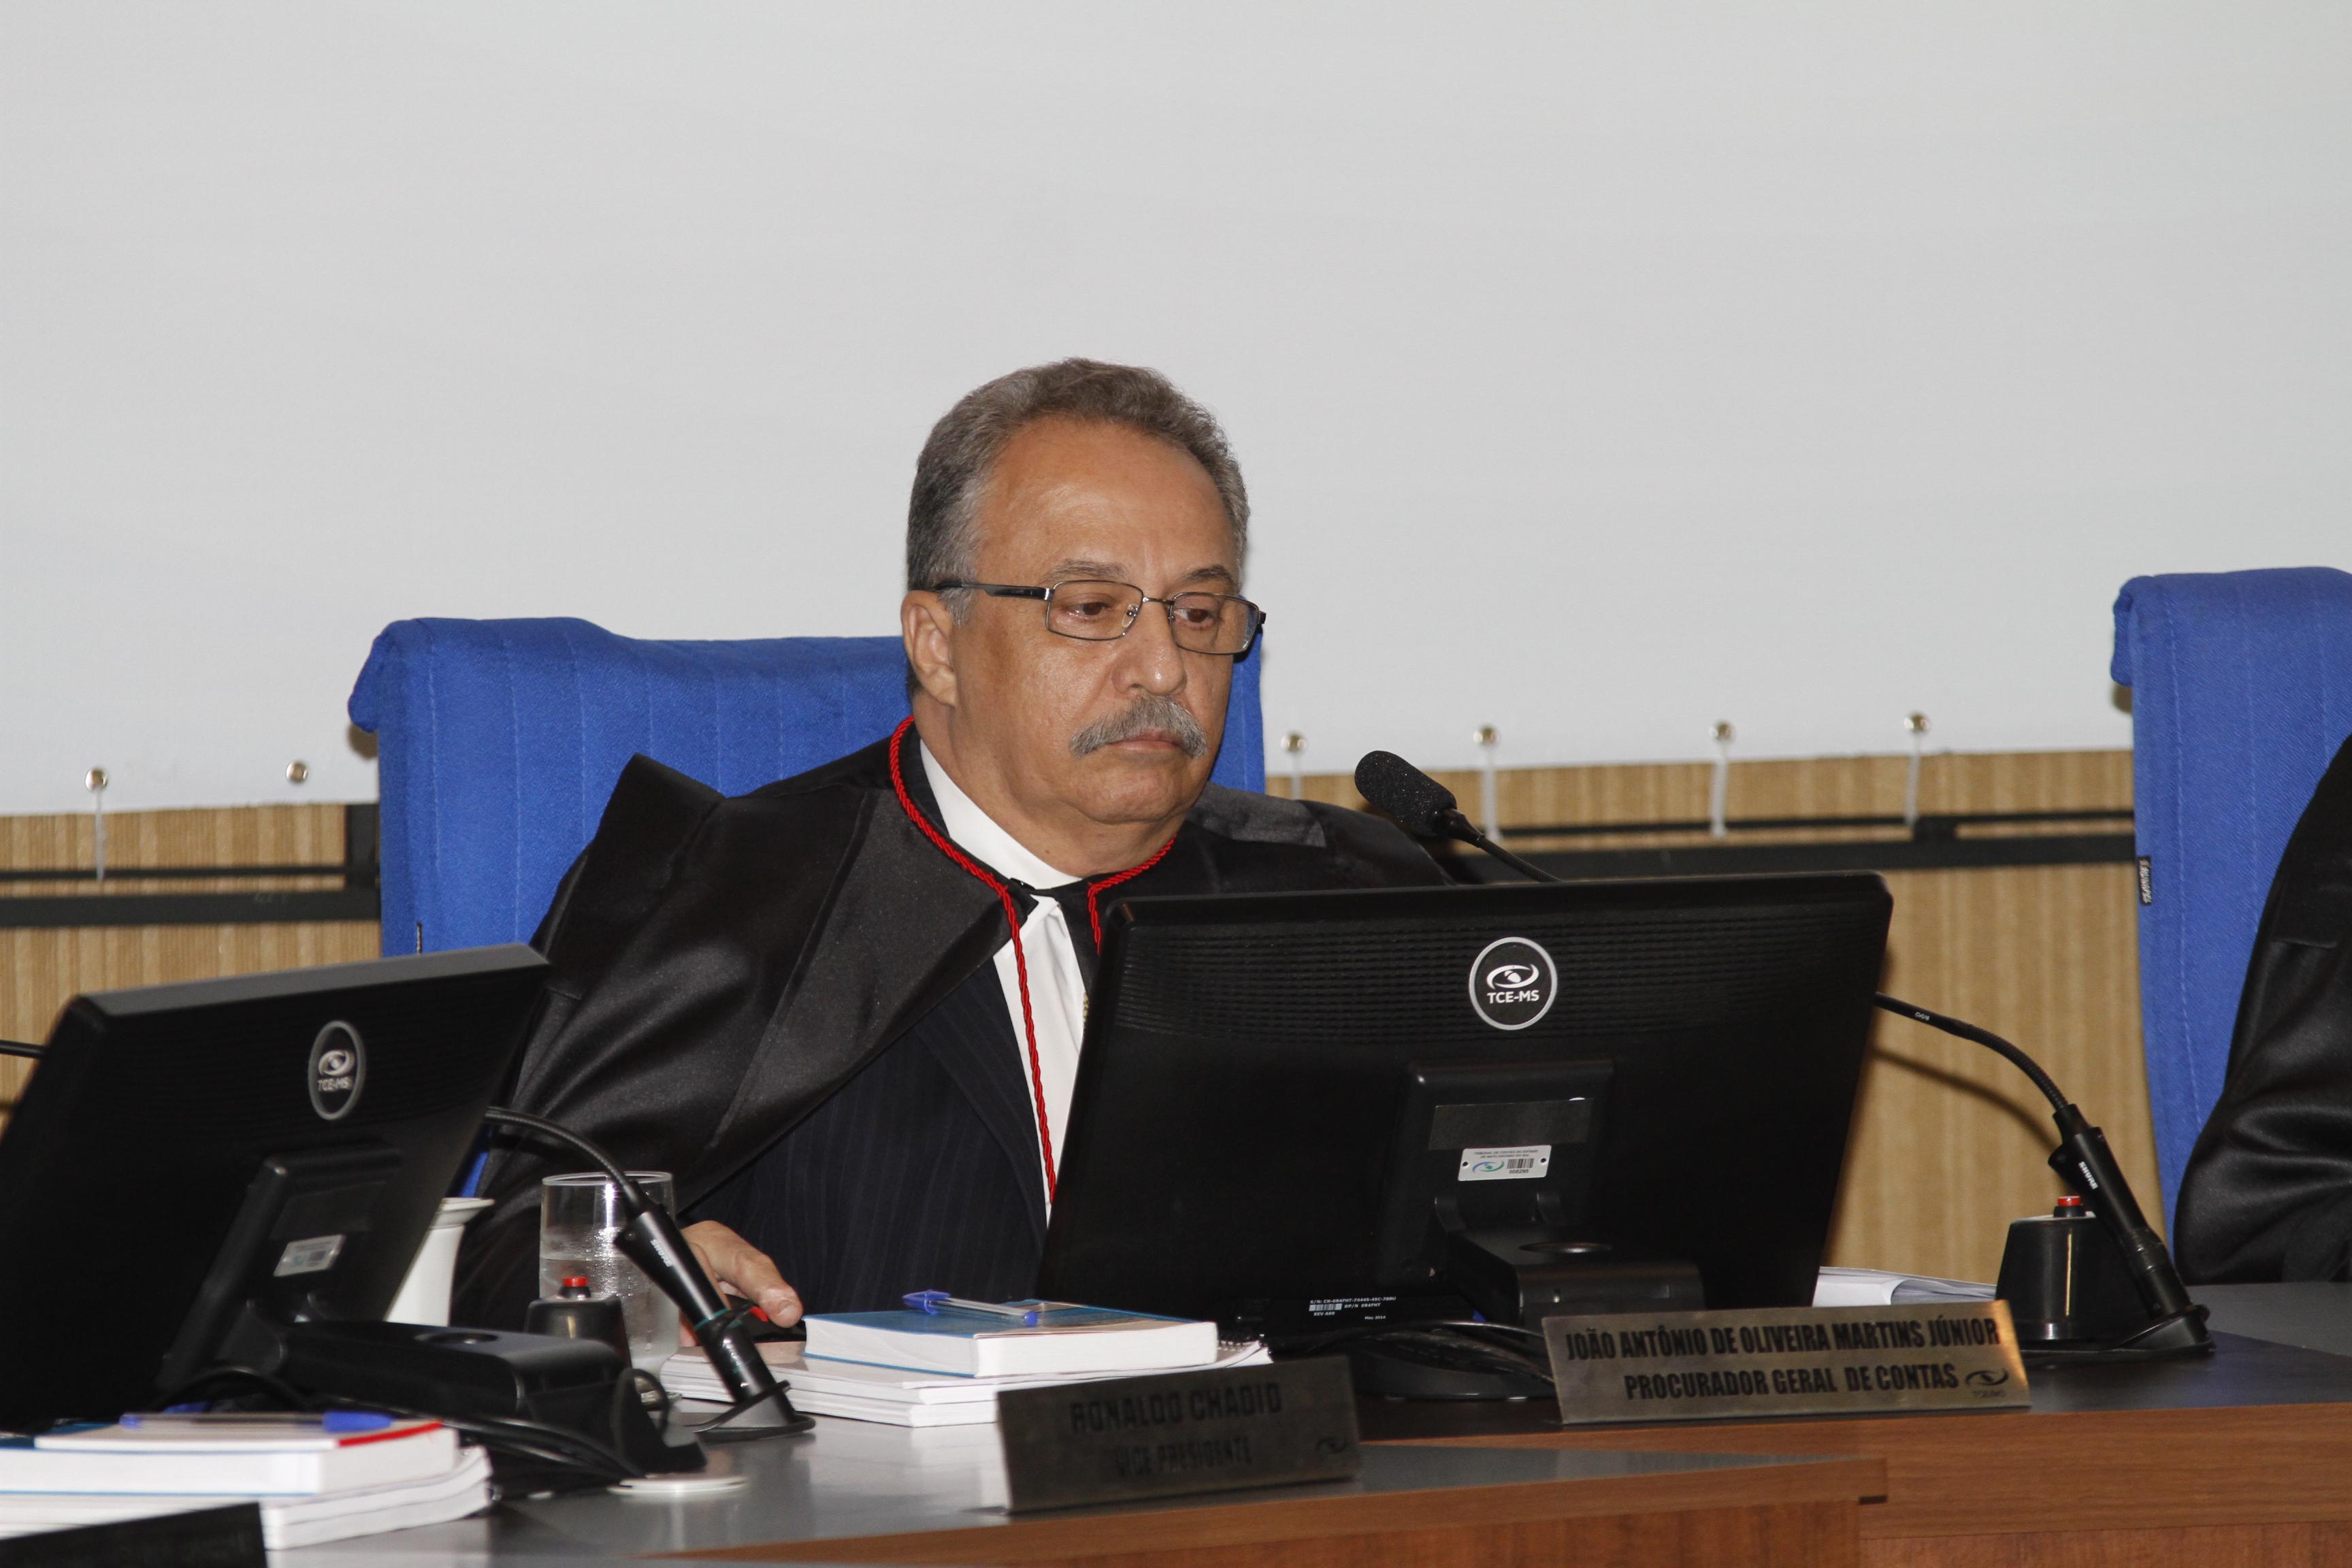 MP de Contas recomenda devolução de R$ 8 mil após resultado de auditoria